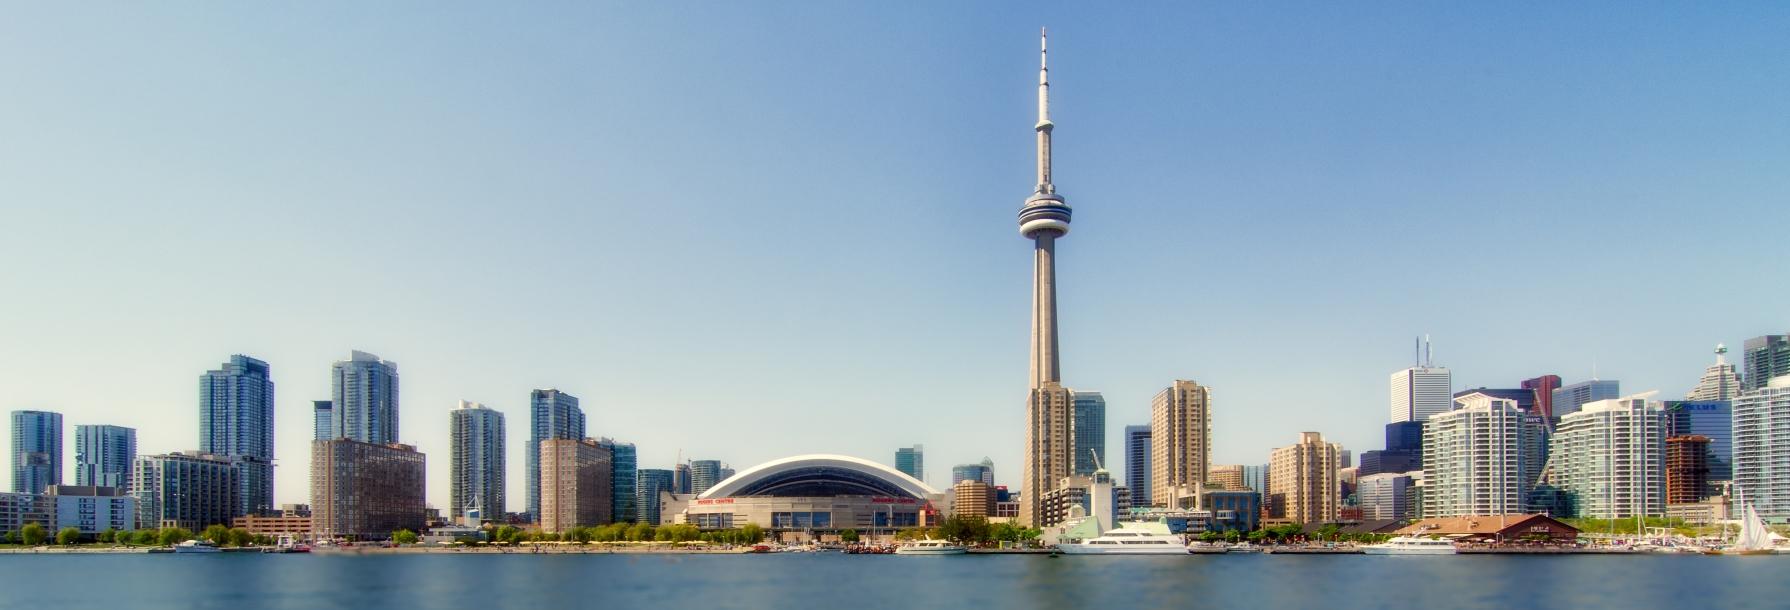 Toronto-cntower